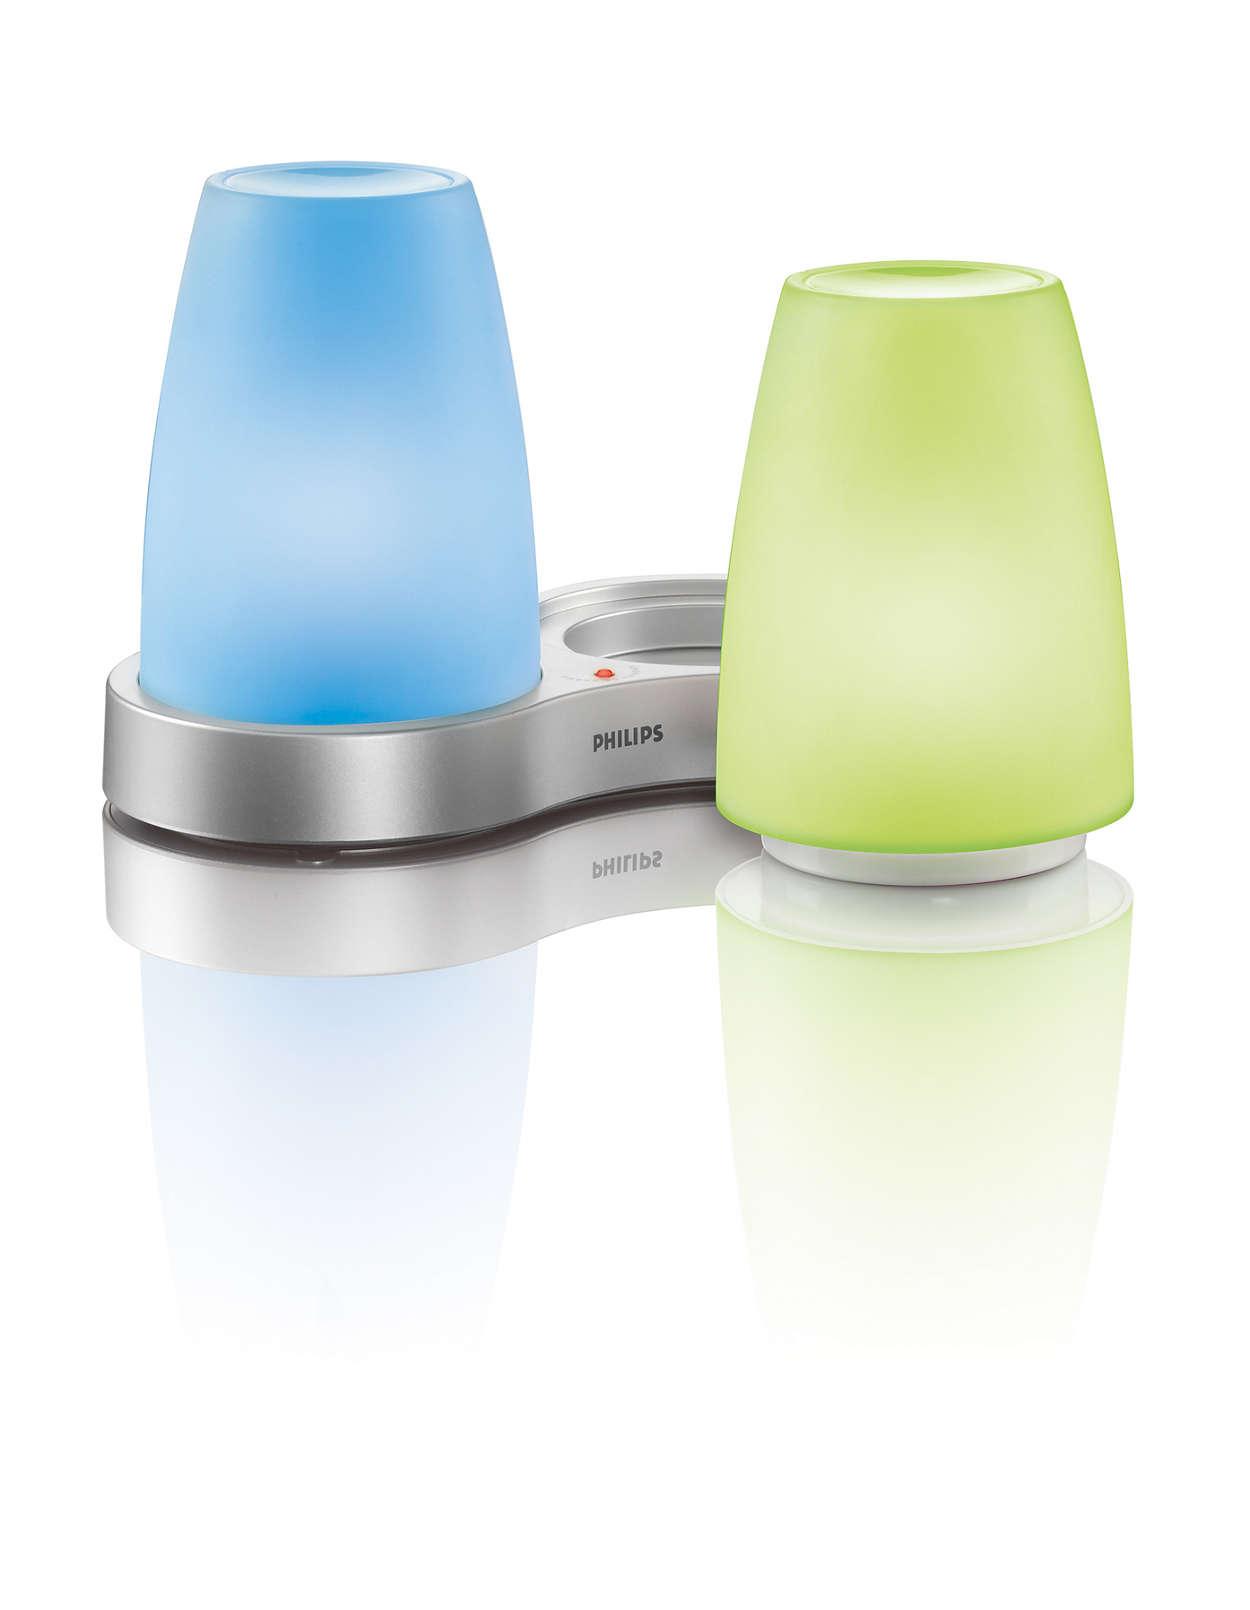 Creëer een kleurrijke sfeer in uw huis